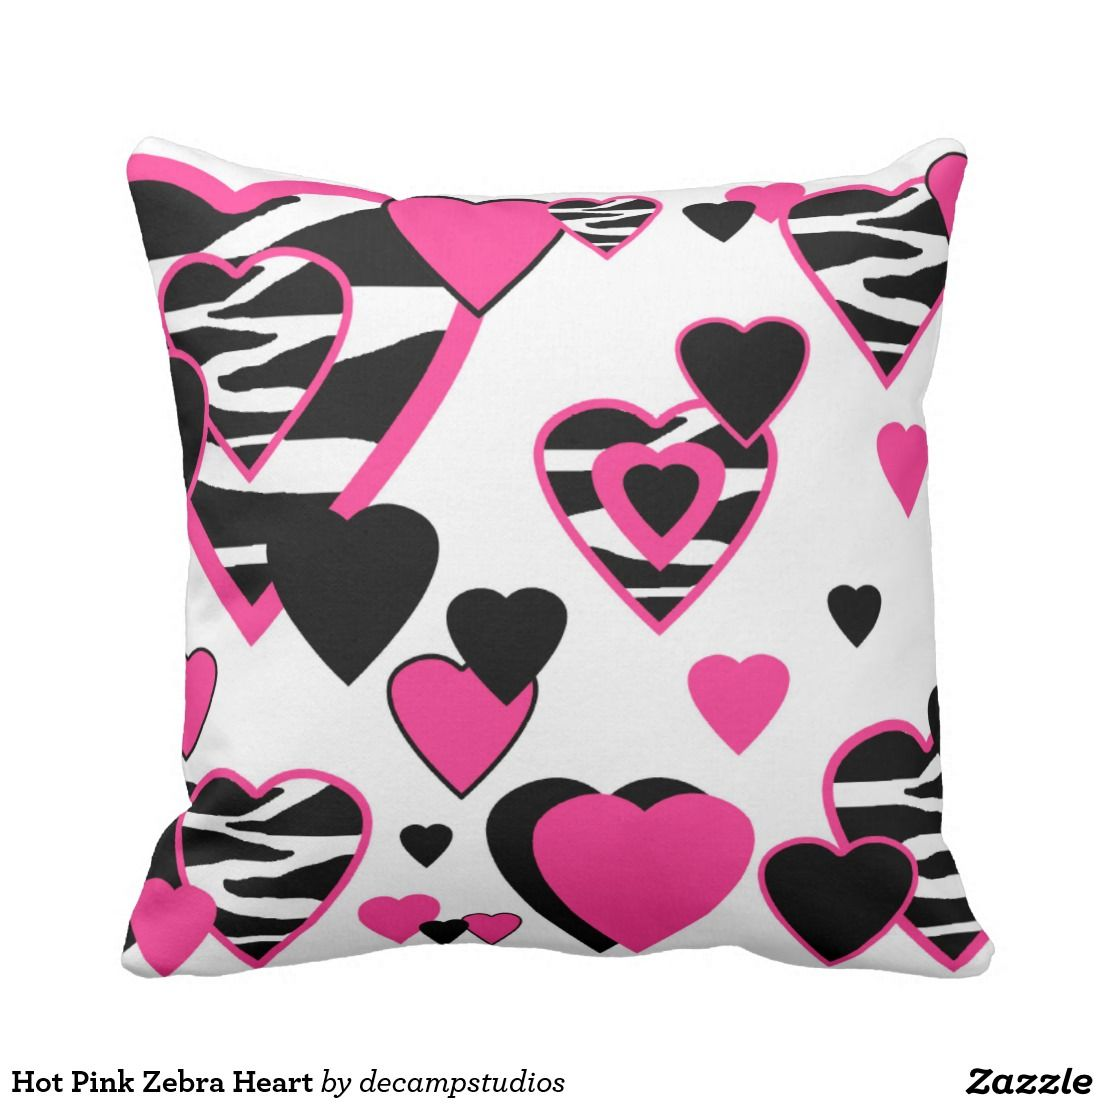 Hot Pink Zebra Heart Throw Pillow